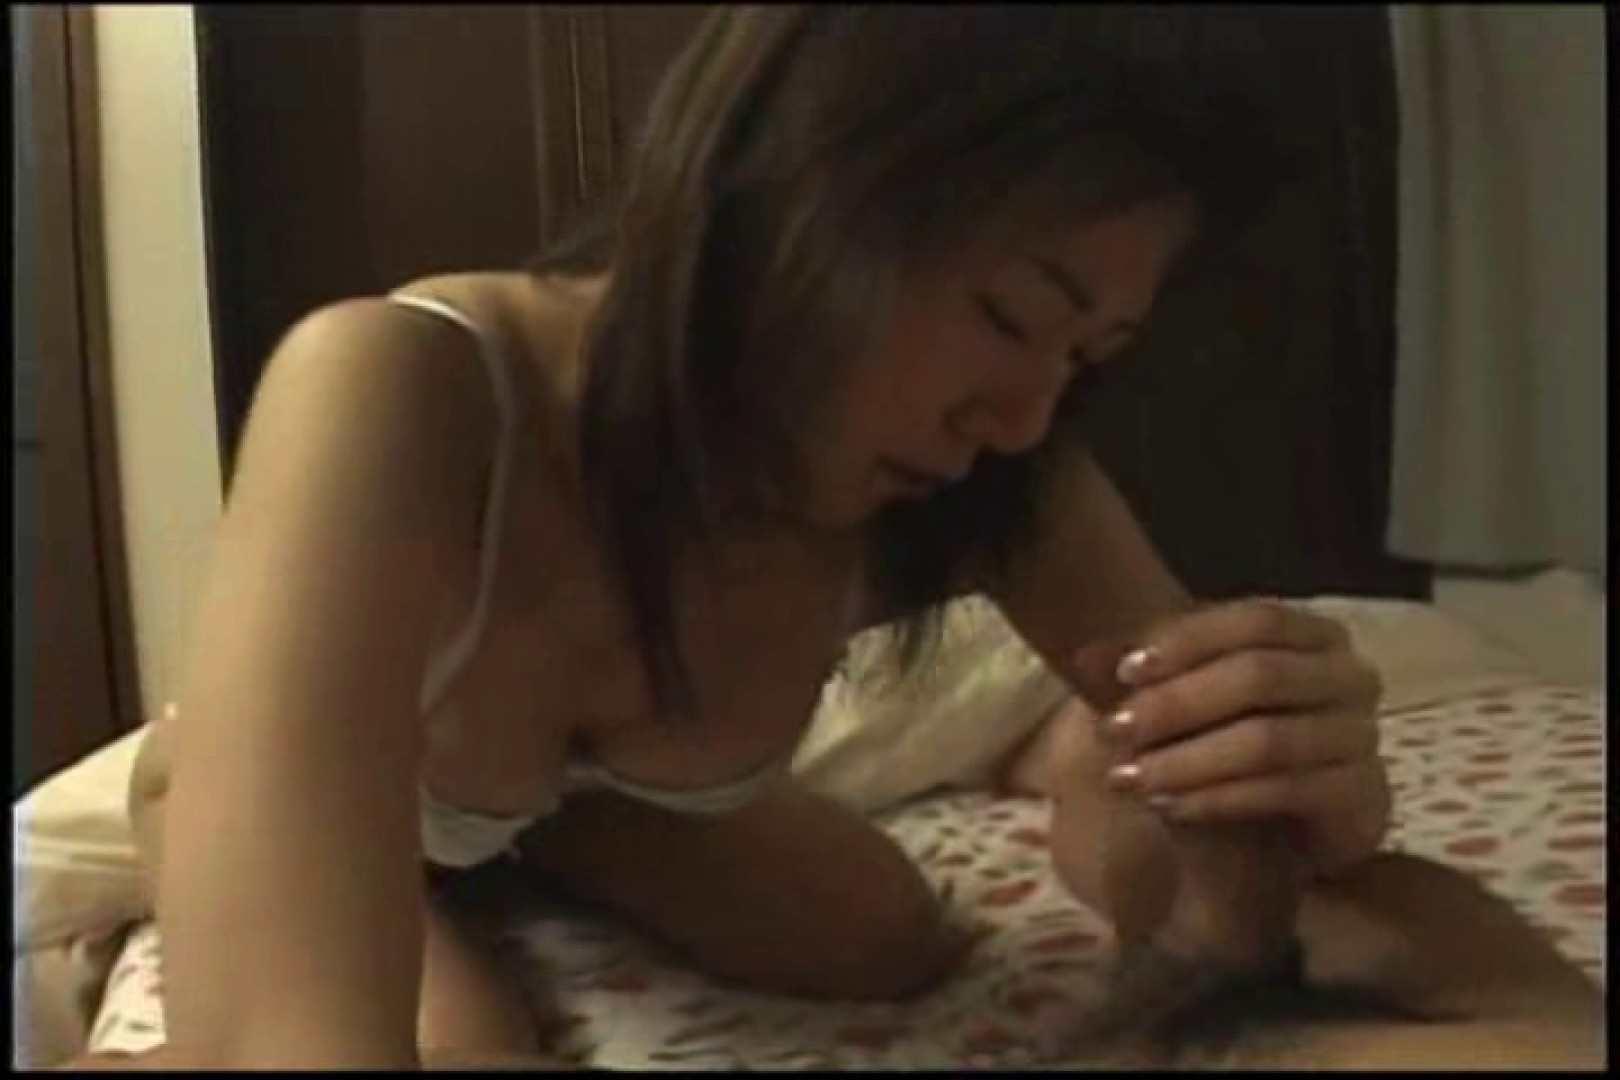 自慰行為中の乳首の起ちっぷりがセクシー 早川葉子 熟女のエッチ エロ画像 106pic 90